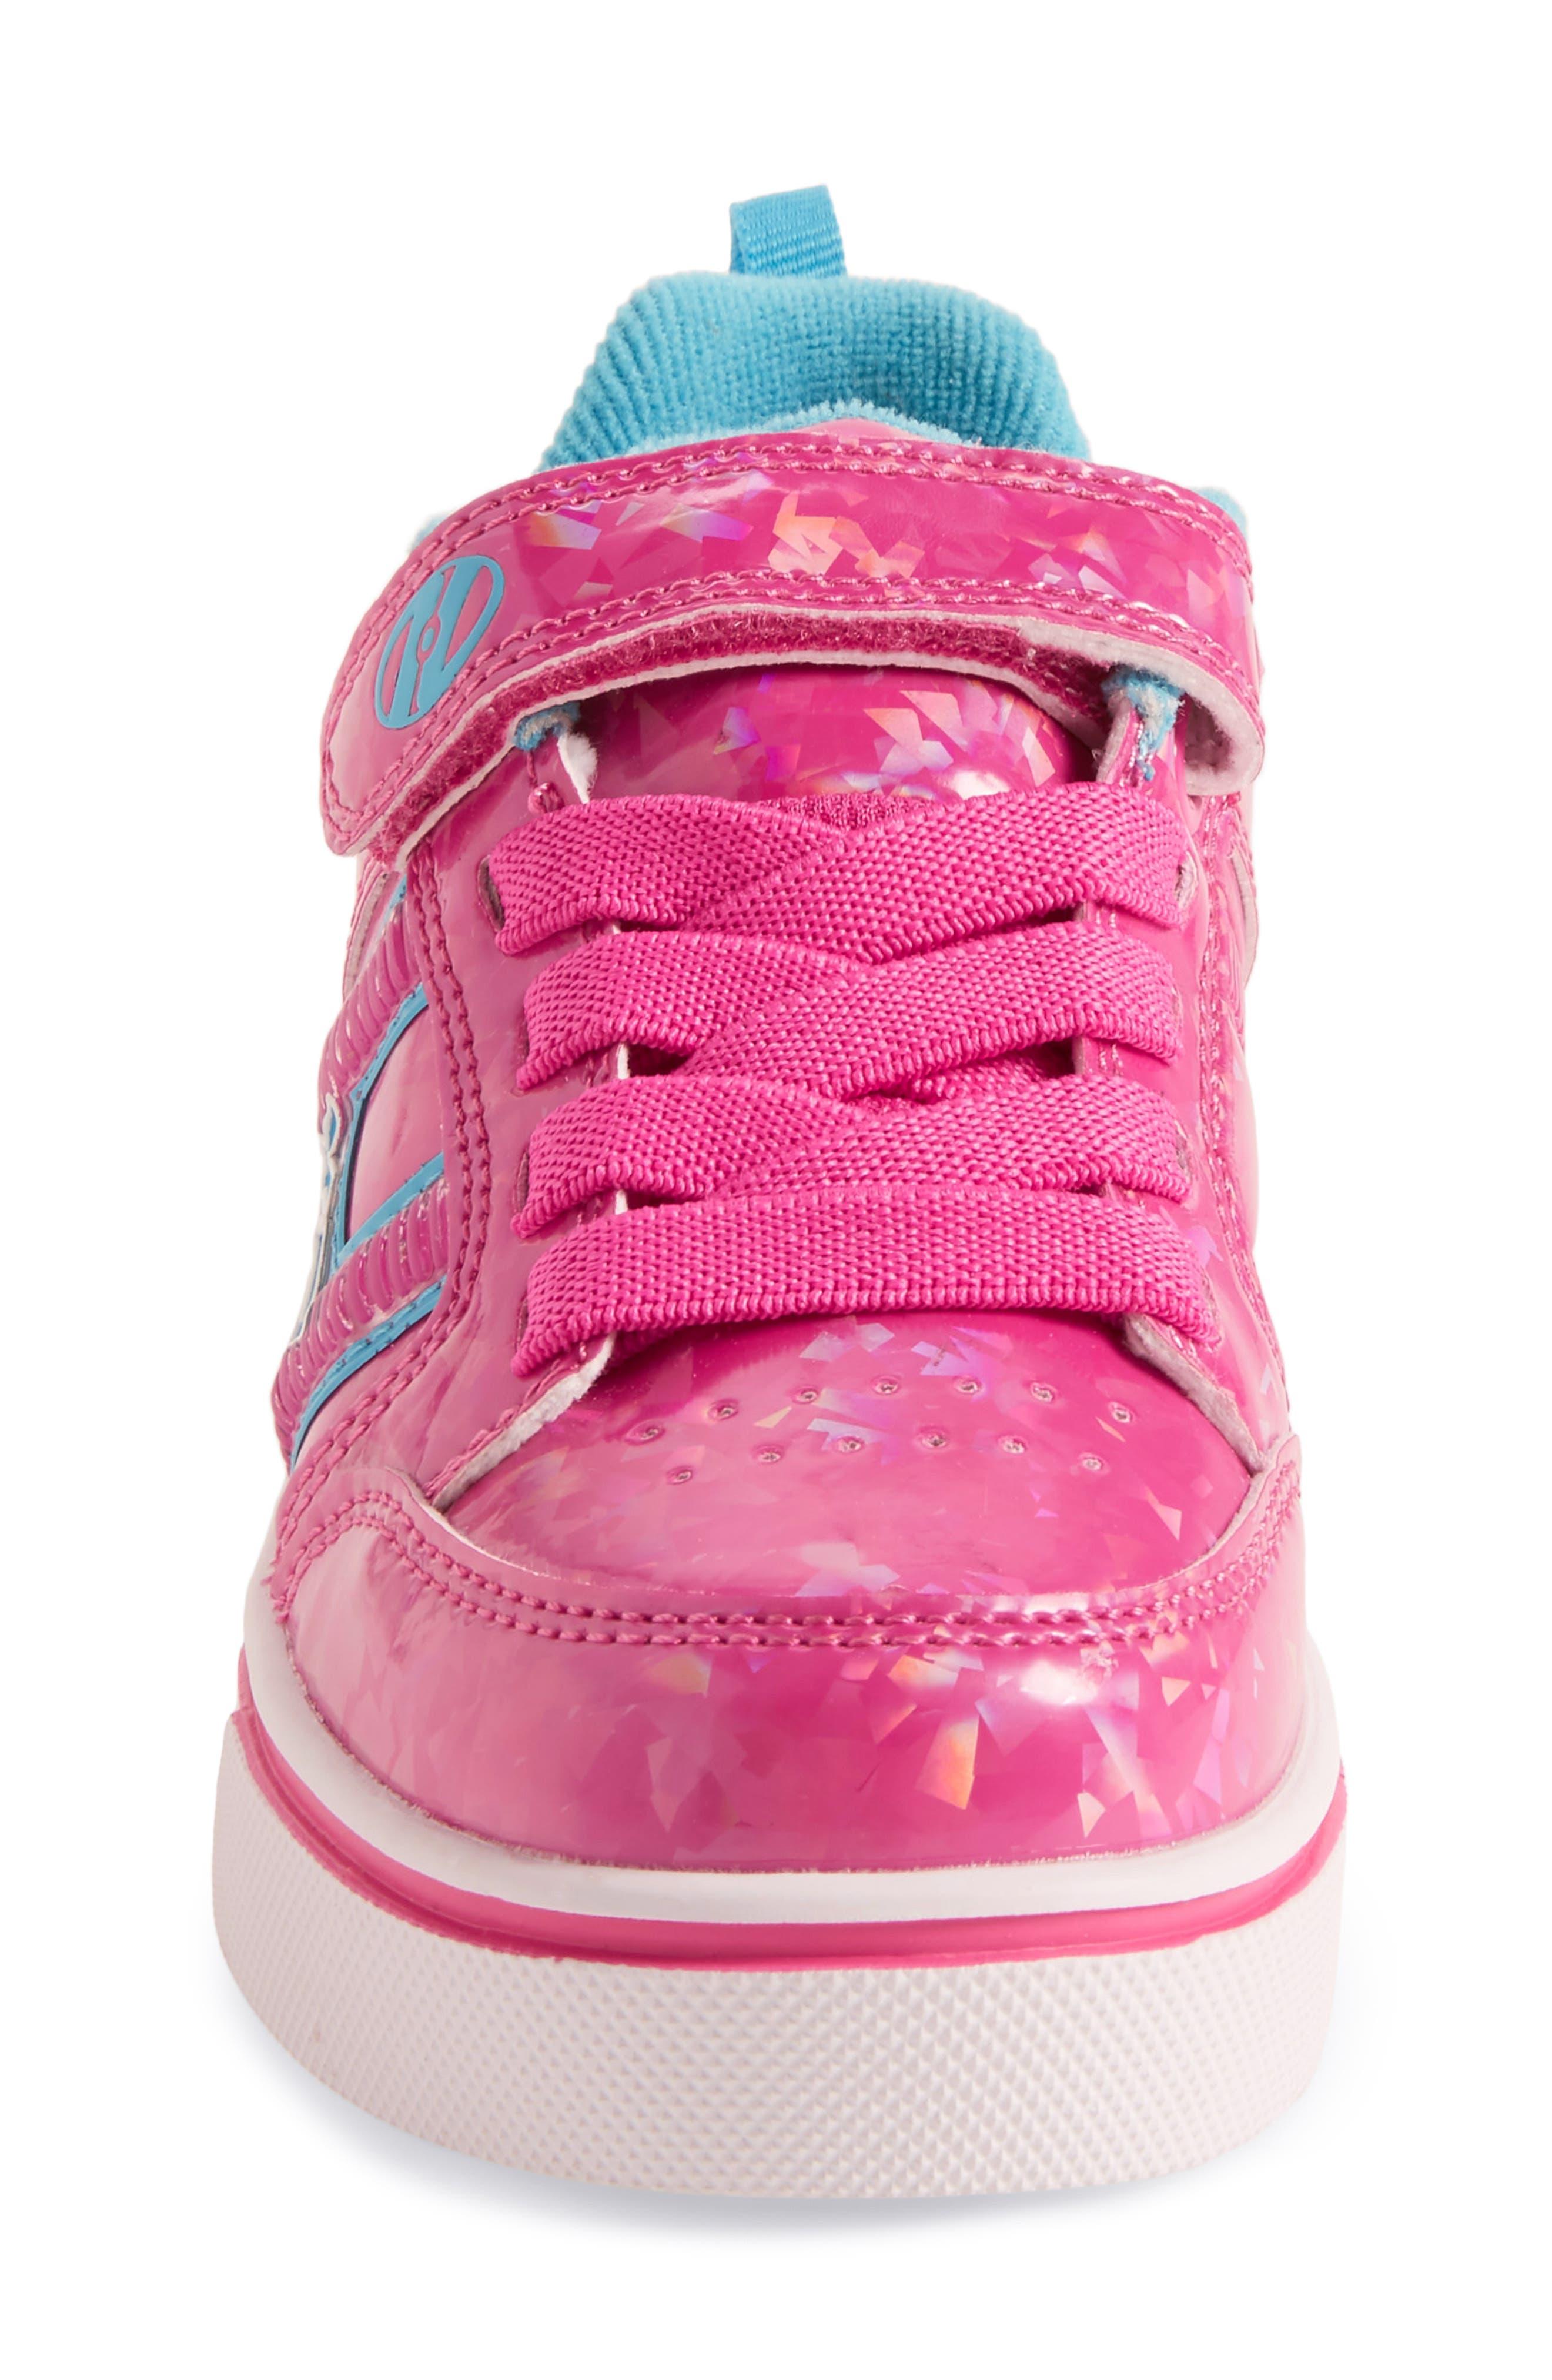 Bolt Plus X2 Light-Up Skate Sneaker,                             Alternate thumbnail 4, color,                             Hot Pink Hologram/ Neon Blue